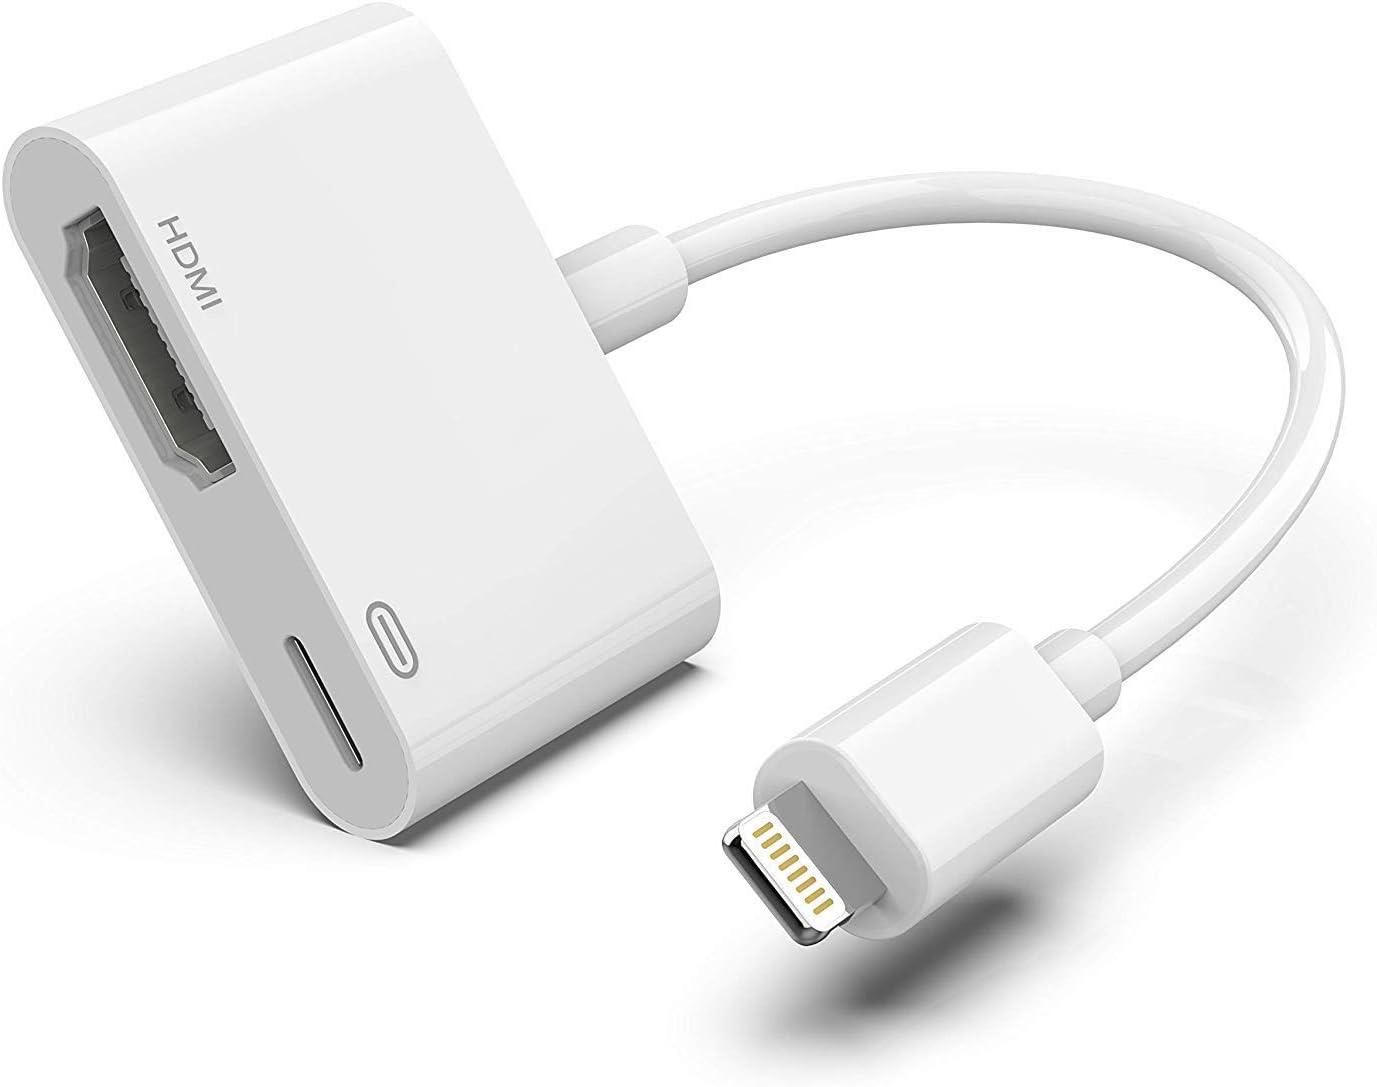 Adaptador HDMI para iPhone, 1080P Digital AV Audio Adaptador de sincronización de Pantalla con Puerto de Carga para iPhone XS/XR/X/8 7 6, iPad y iPod Modelos en TV/Monitor/proyector (Blanco): Amazon.es: Electrónica